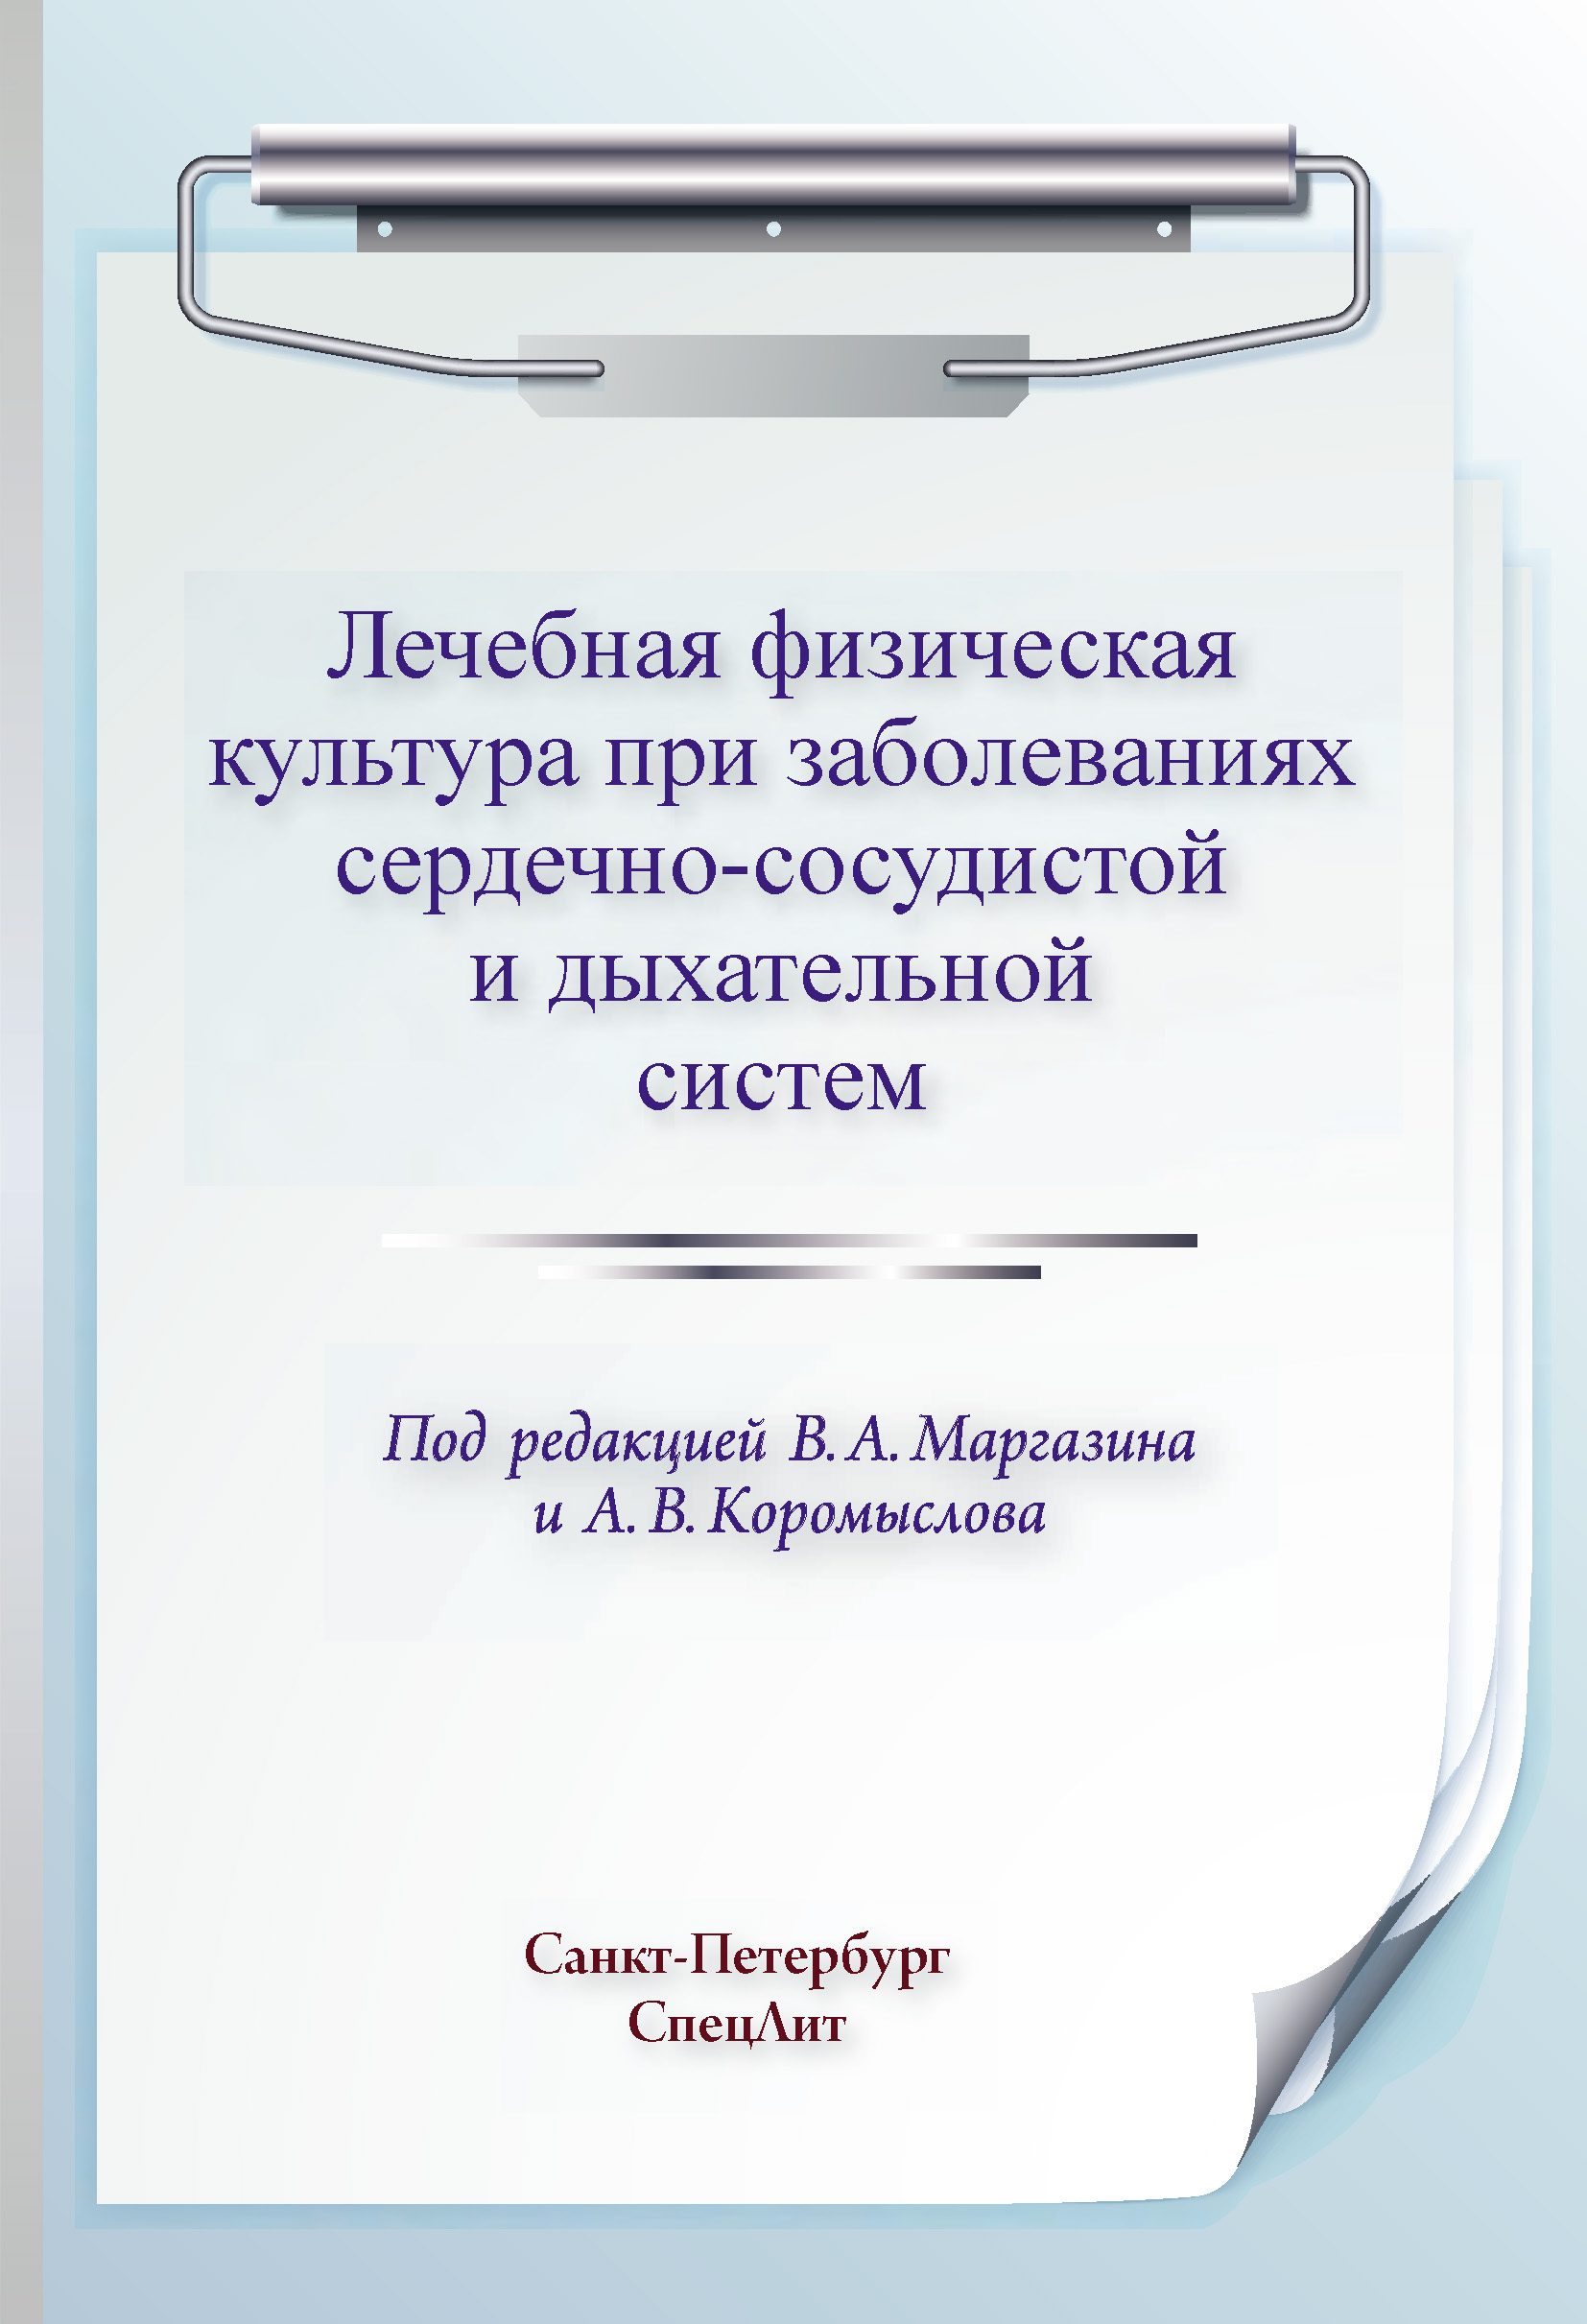 Коллектив авторов Лечебная физическая культура при заболеваниях сердечно-сосудистой и дыхательной систем